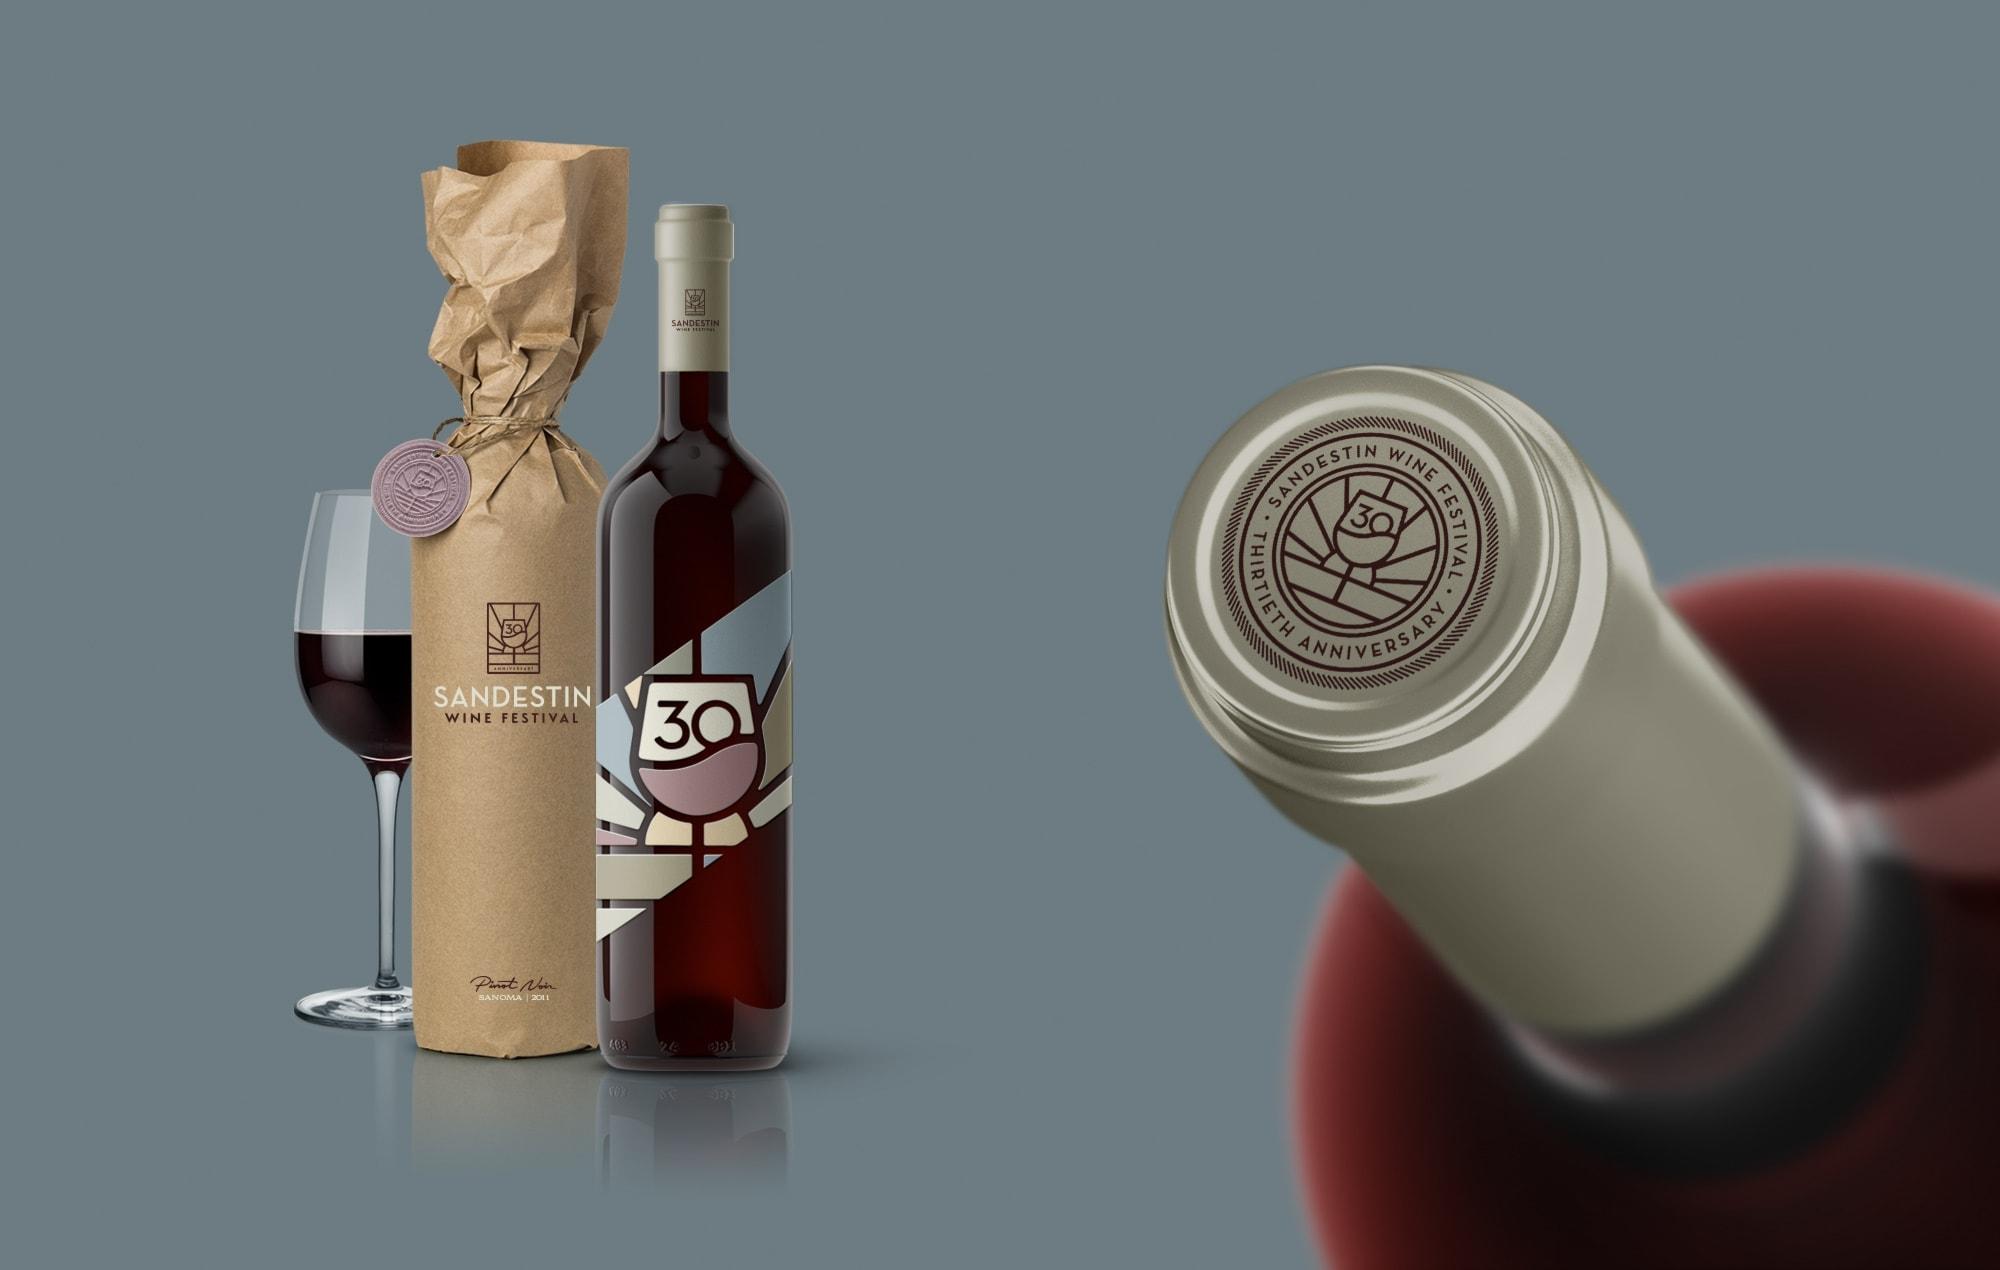 sandestin-wine-bottle